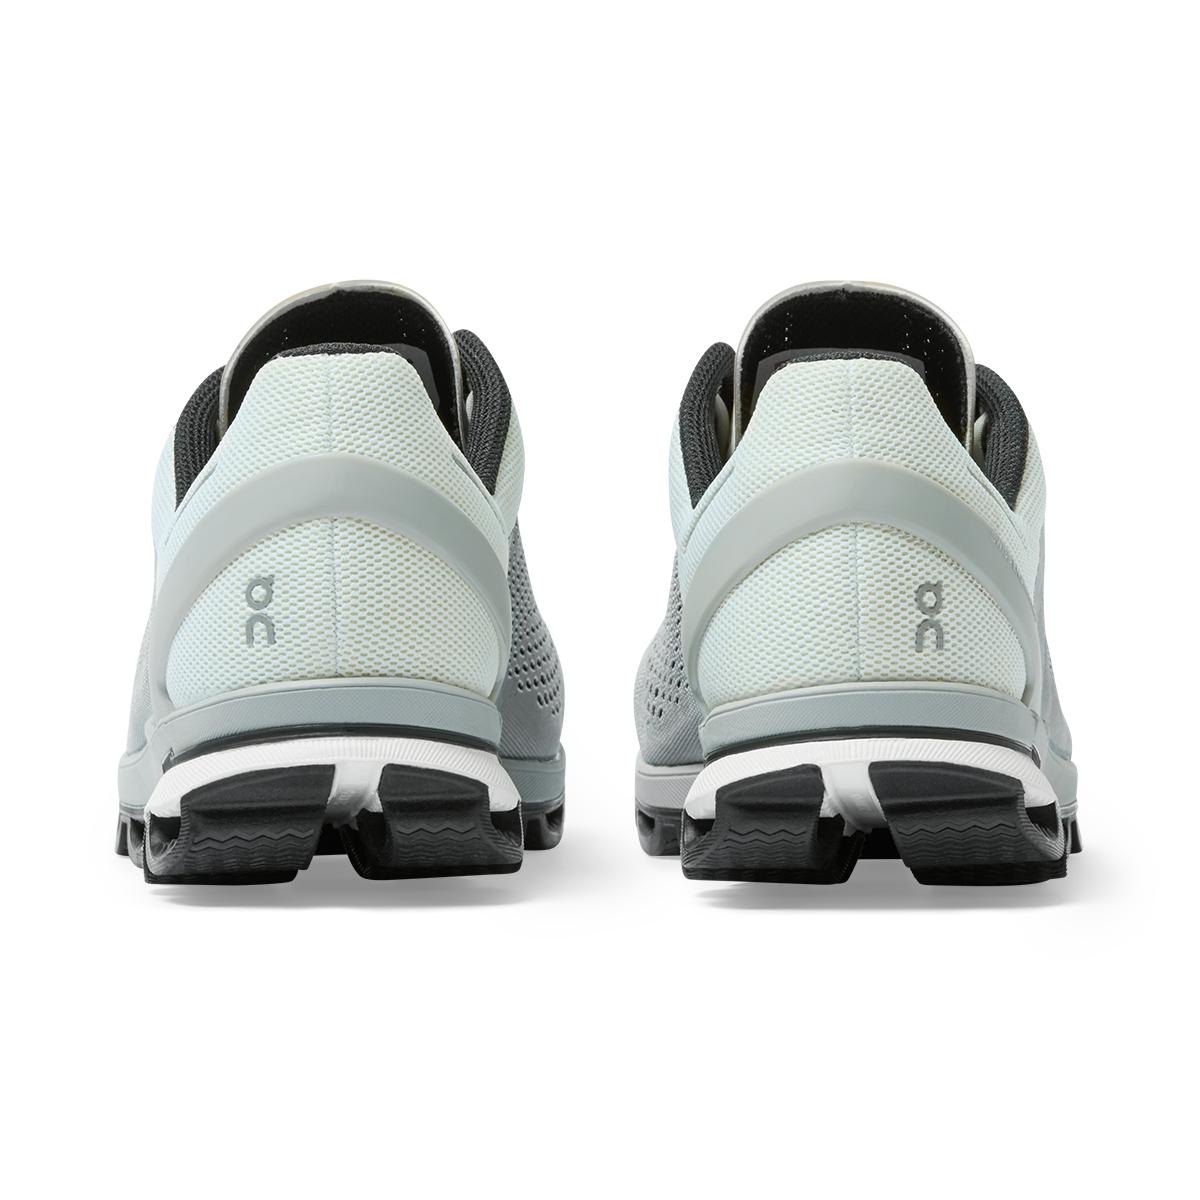 Men's On Cloudsurfer Running Shoe - Color: Glacier/Black - Size: 7 - Width: Regular, Glacier/Black, large, image 4